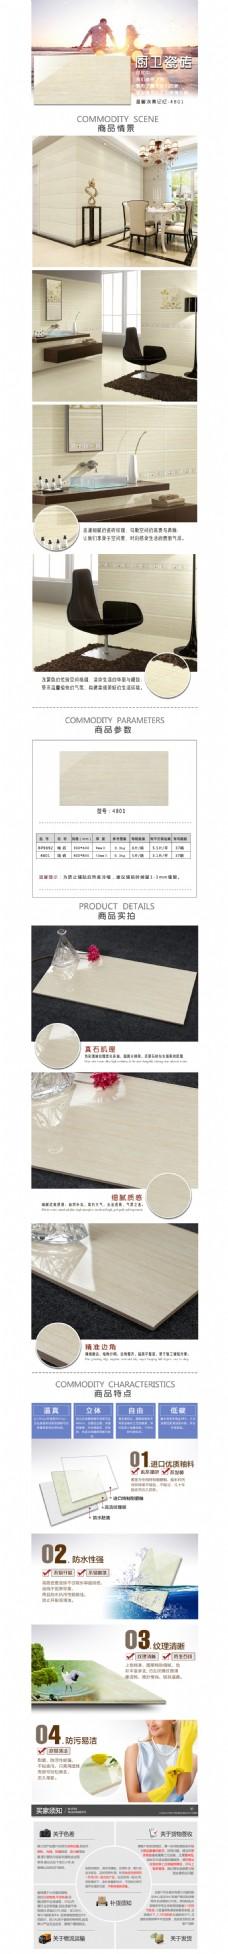 瓷砖淘宝详情页新品瓷片